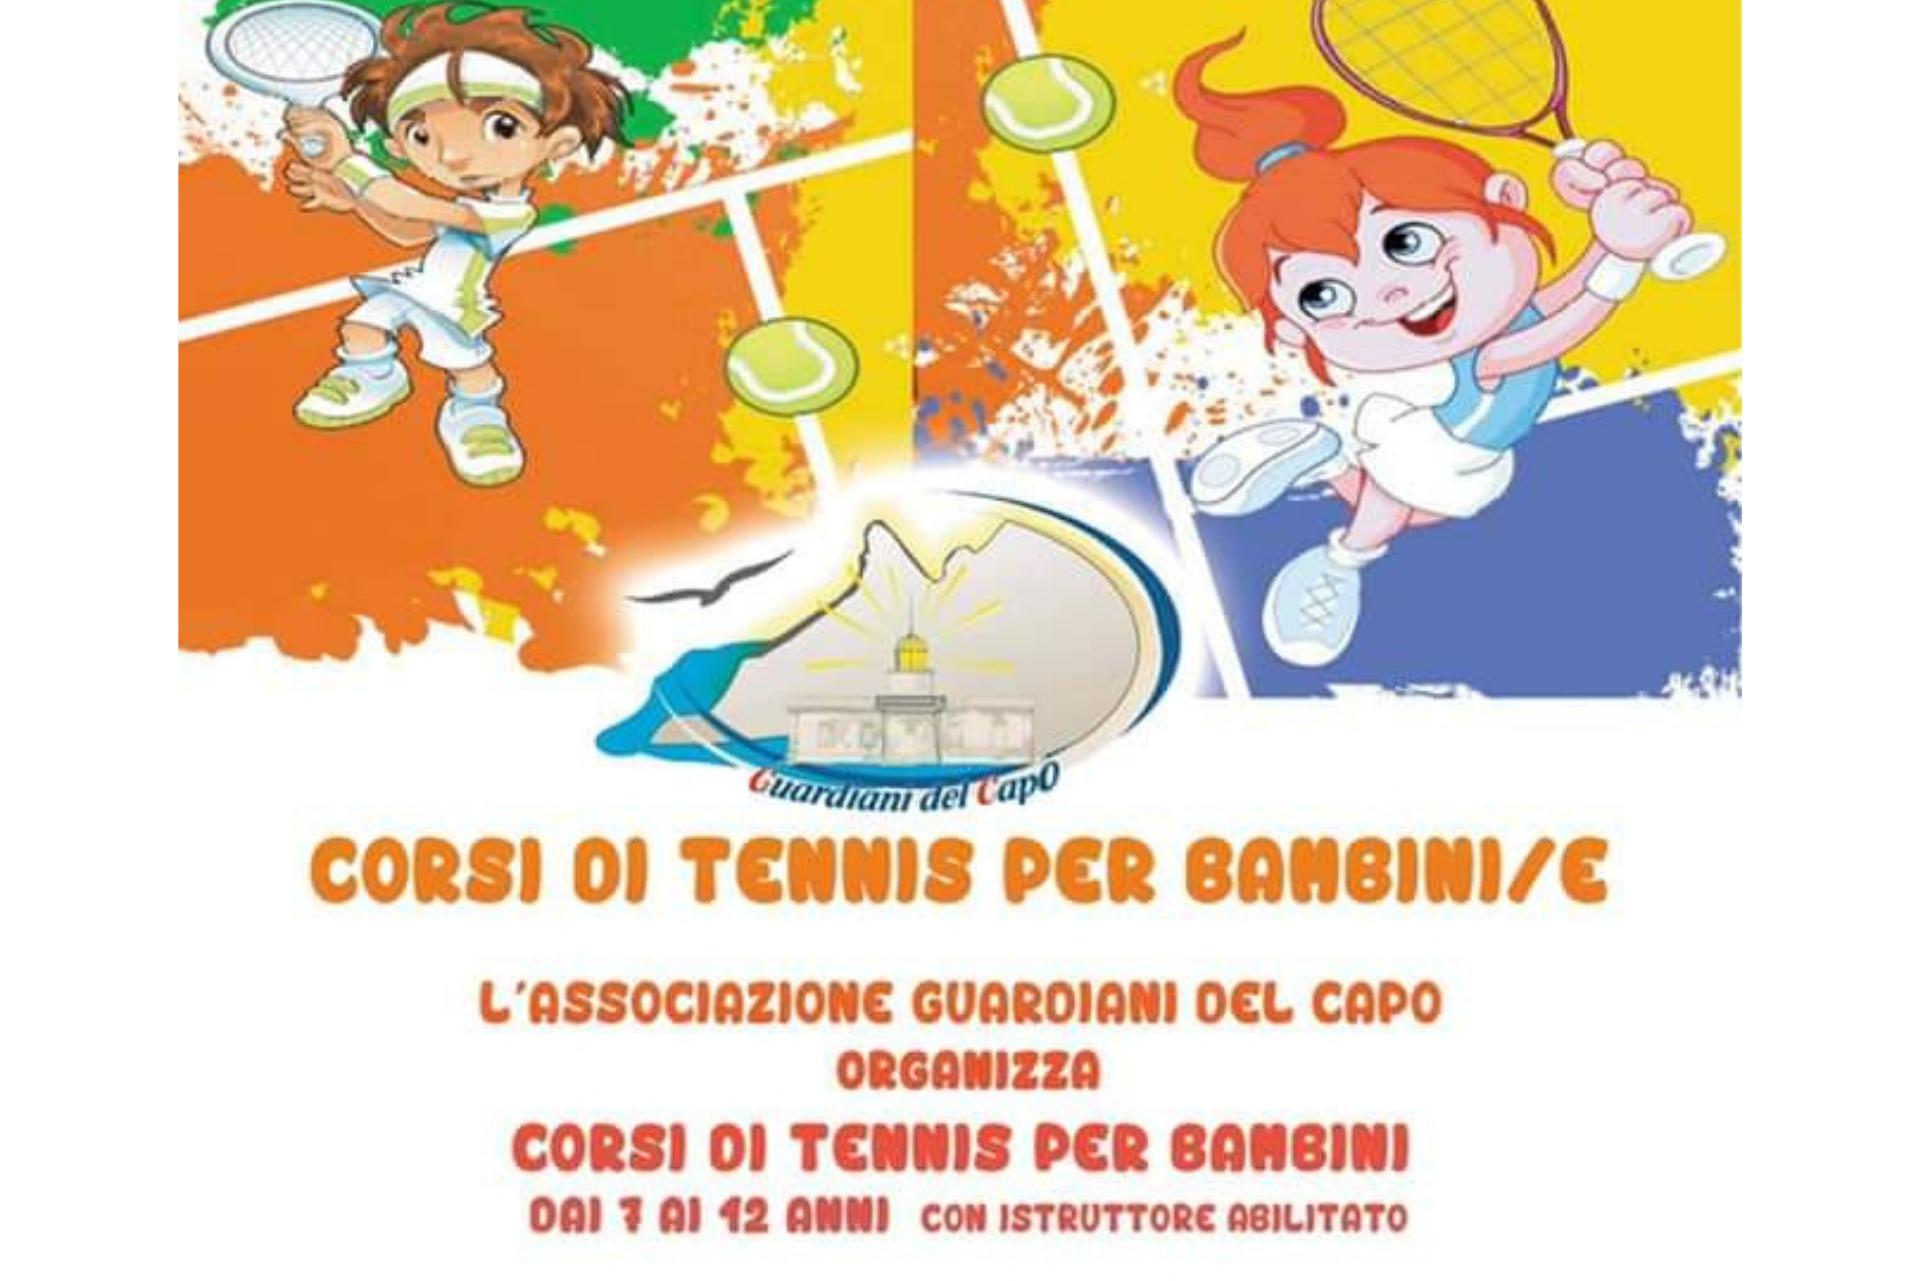 """I """"Guardiani del Capo"""" organizzano corsi di tennis per bambini"""